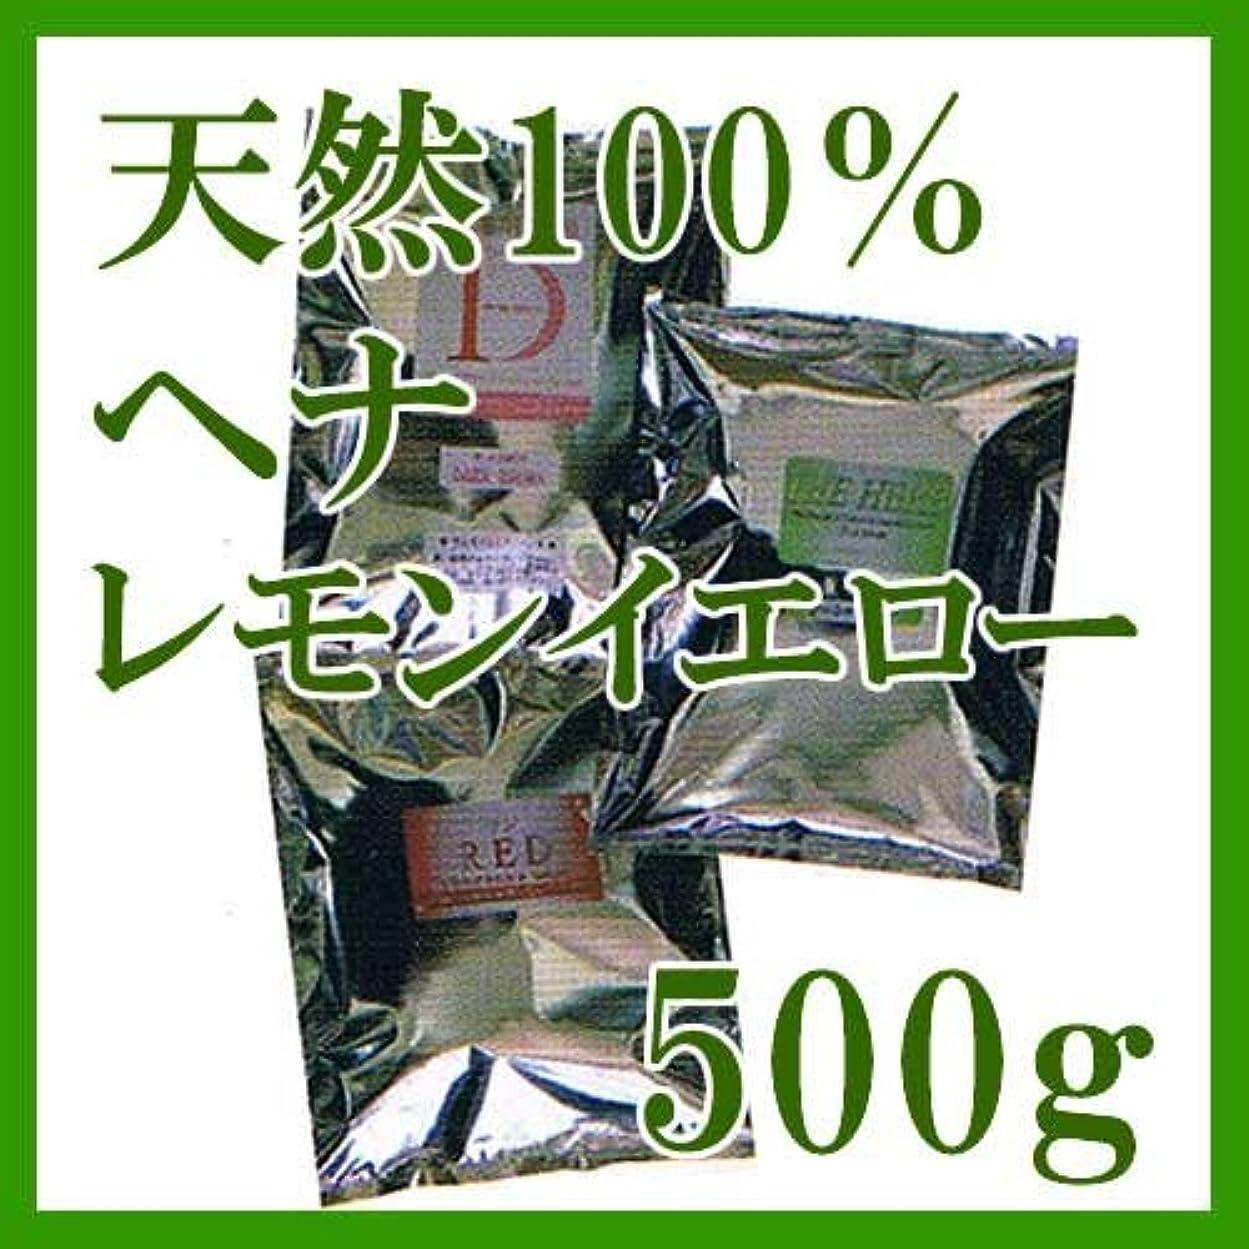 連合パーセント煙ヘナ インターナショナル 天然100%ヘナ レモンイエロー 500g